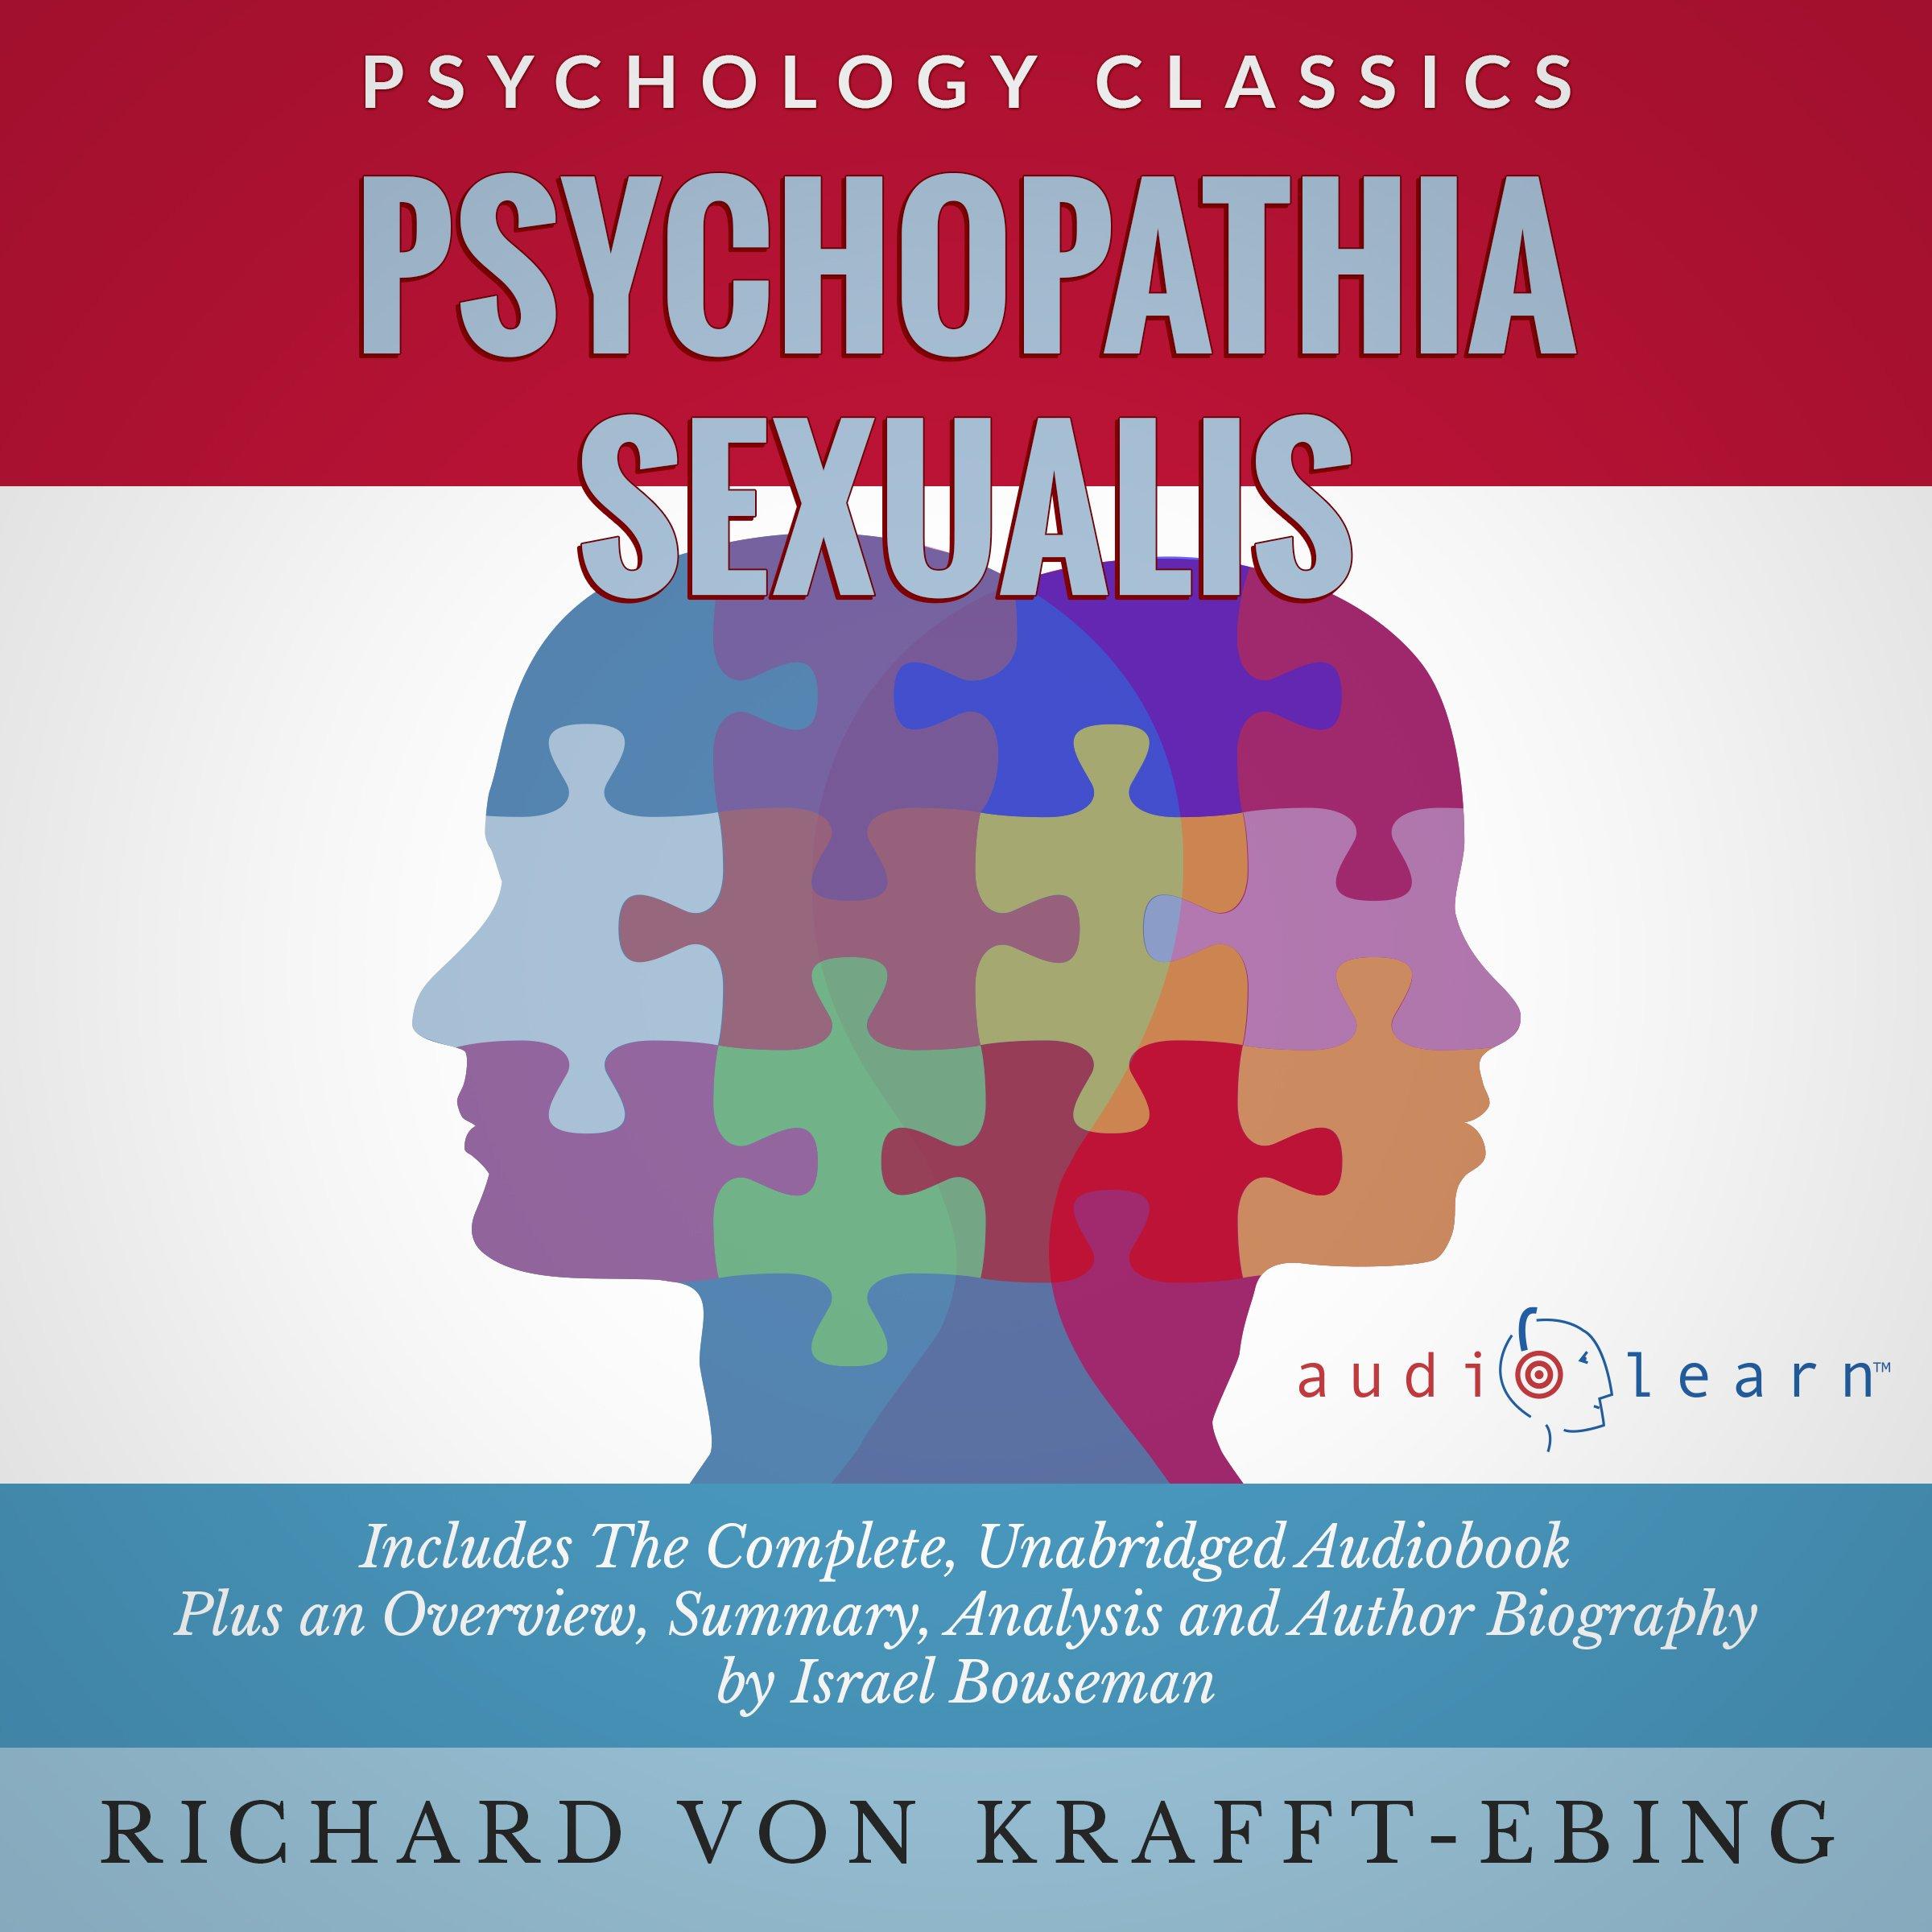 Psychopathia sexualis synopsis